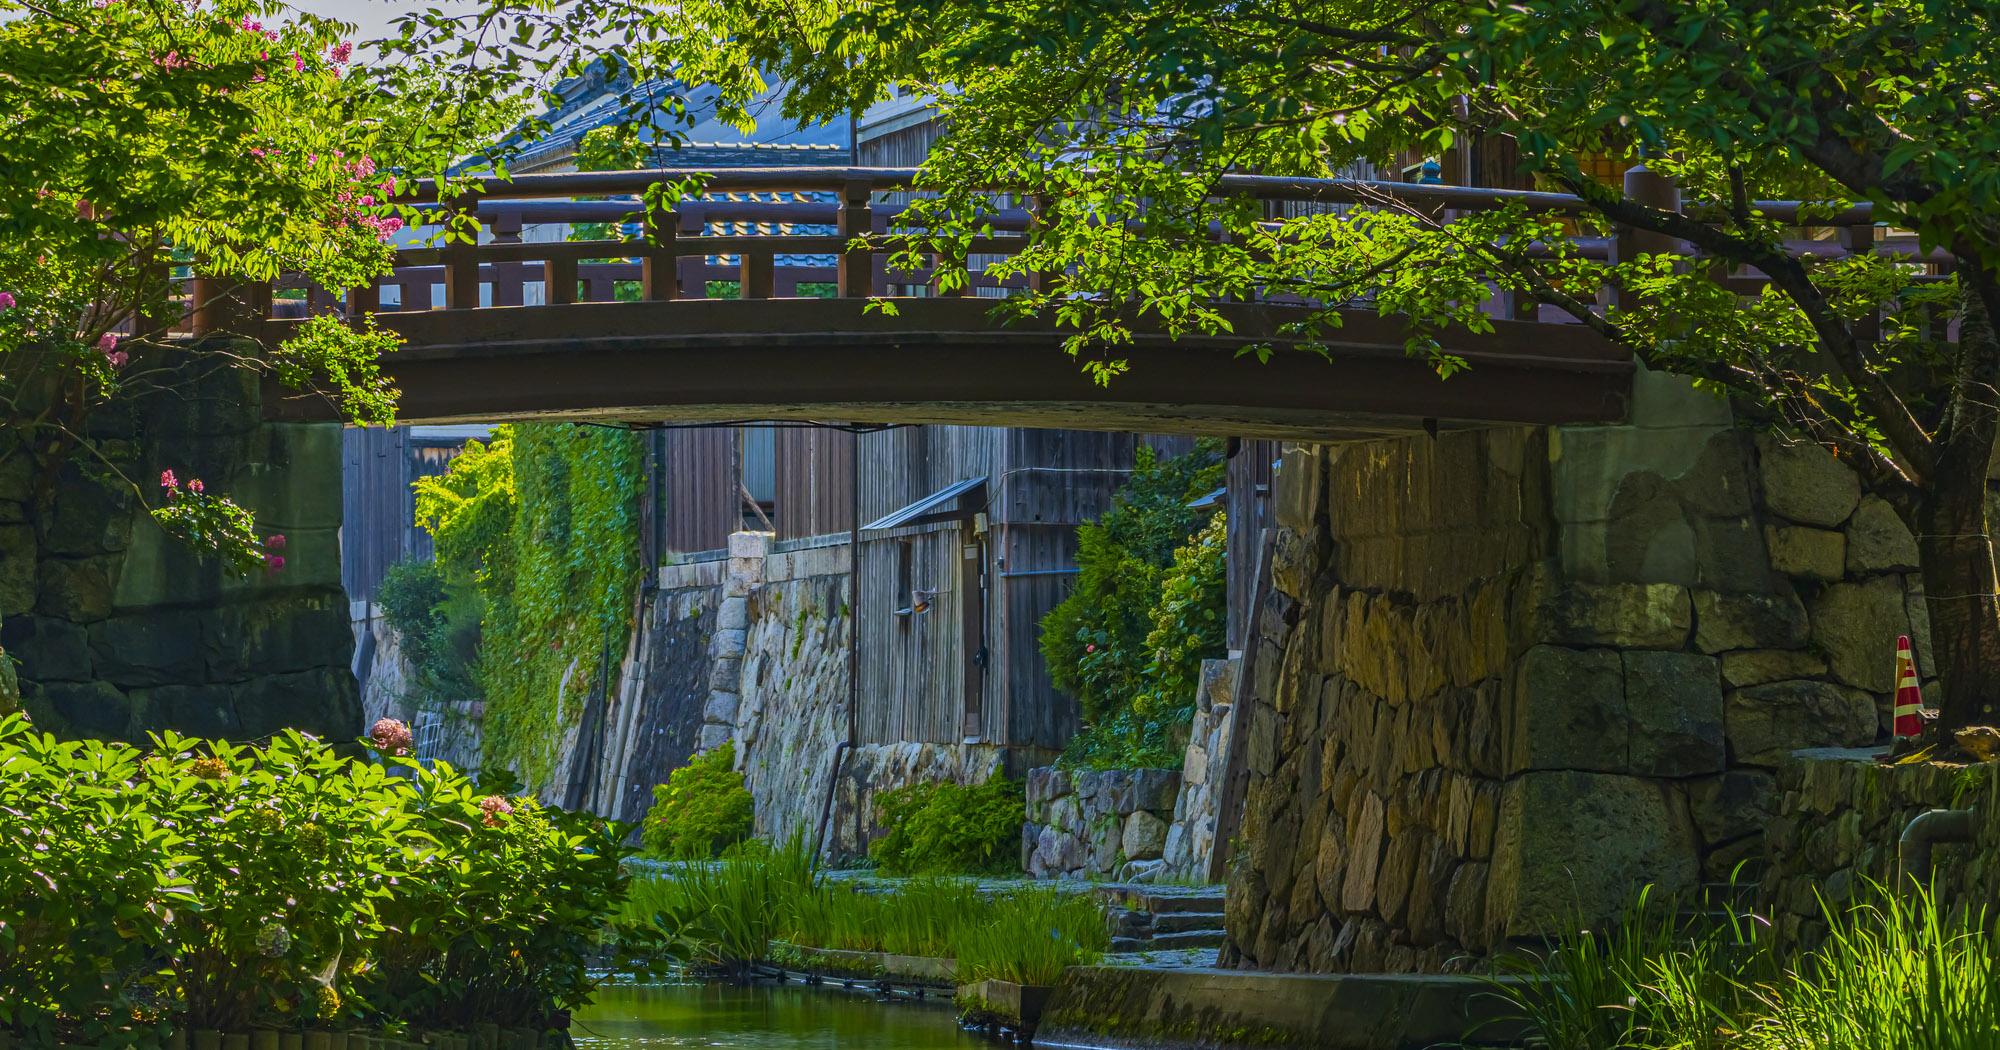 近江八幡史市では、関西首都圏の大規模再開発に伴い、今後の価格の上昇が期待されます。